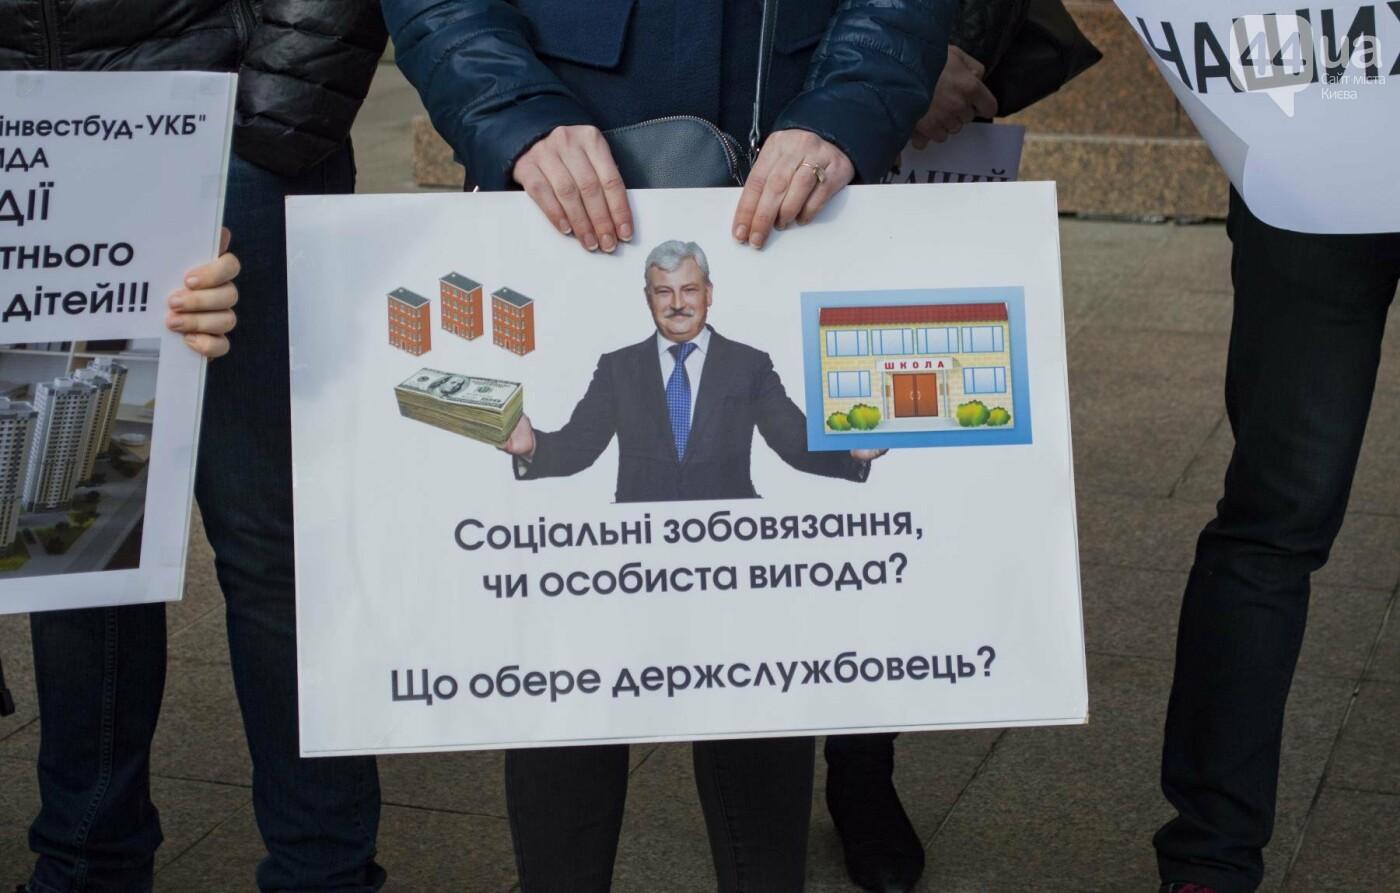 """""""Кличко, дострой ЖК"""": под мэрией обманутые инвесторы устроили митинг, фото-10"""